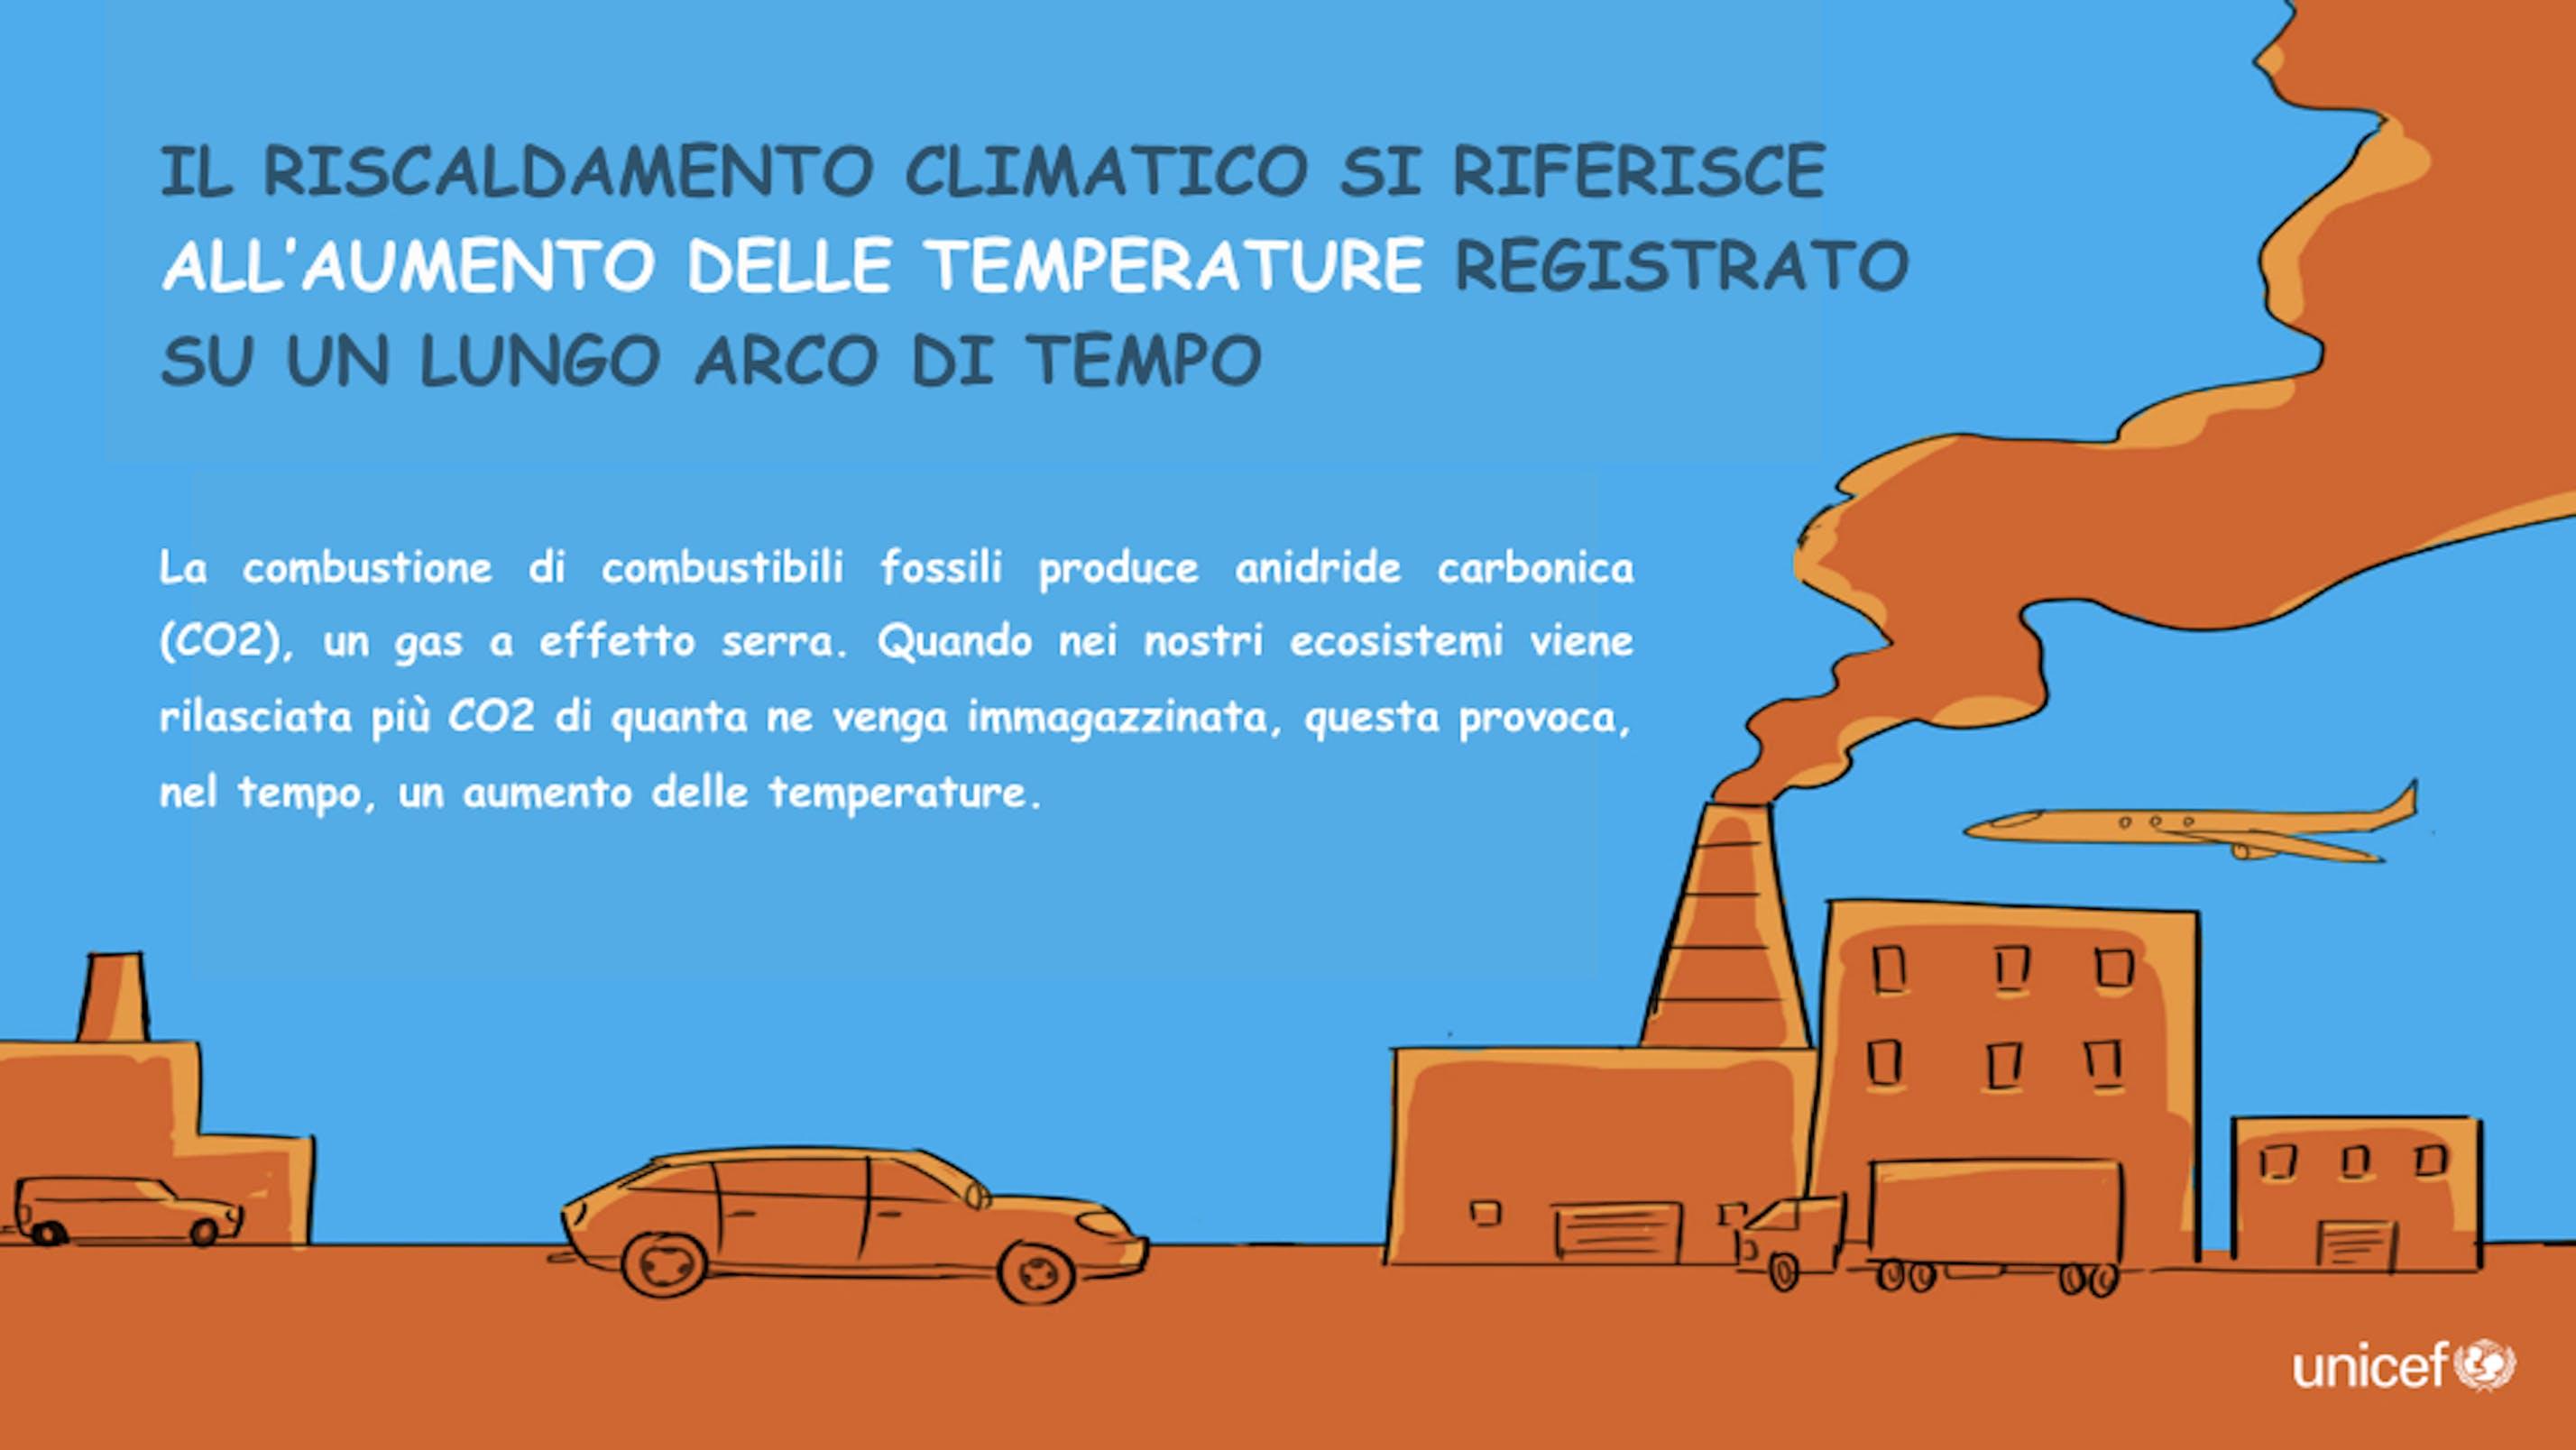 Azioni per il clima - infografiche 2